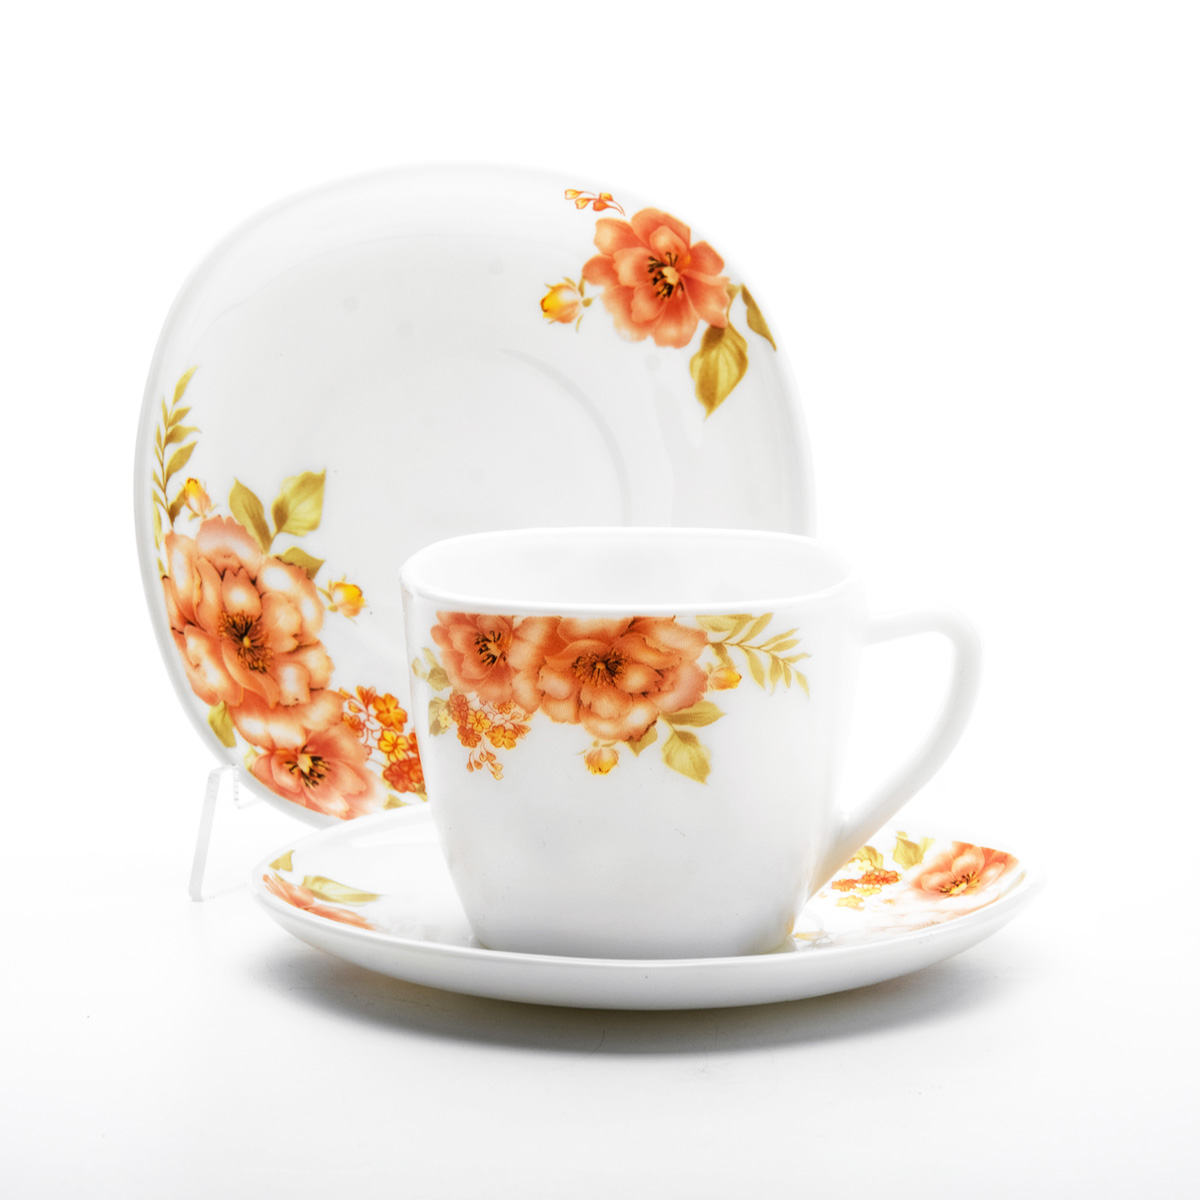 Набор чайный Mayer & Boch Цветы, 12 предметов. 2410924109Чайный набор Mayer & Boch Цветы, выполненный из высококачественного стекла, состоит из шести чашек и шести блюдец. Предметы набора оформлены изображением цветов. Изящный дизайн и красочность оформления придутся по вкусу и ценителям классики, и тем, кто предпочитает утонченность и изысканность.Чайный набор - идеальный и необходимый подарок для вашего дома и для ваших друзей в праздники, юбилеи и торжества! Он также станет отличным корпоративным подарком и украшением любой кухни. Объем чашки: 210 мл. Размер чашки по верхнему краю: 8,5 см х 8 см. Высота чашки: 7 см. Размер блюдца: 14 см х 14 см.